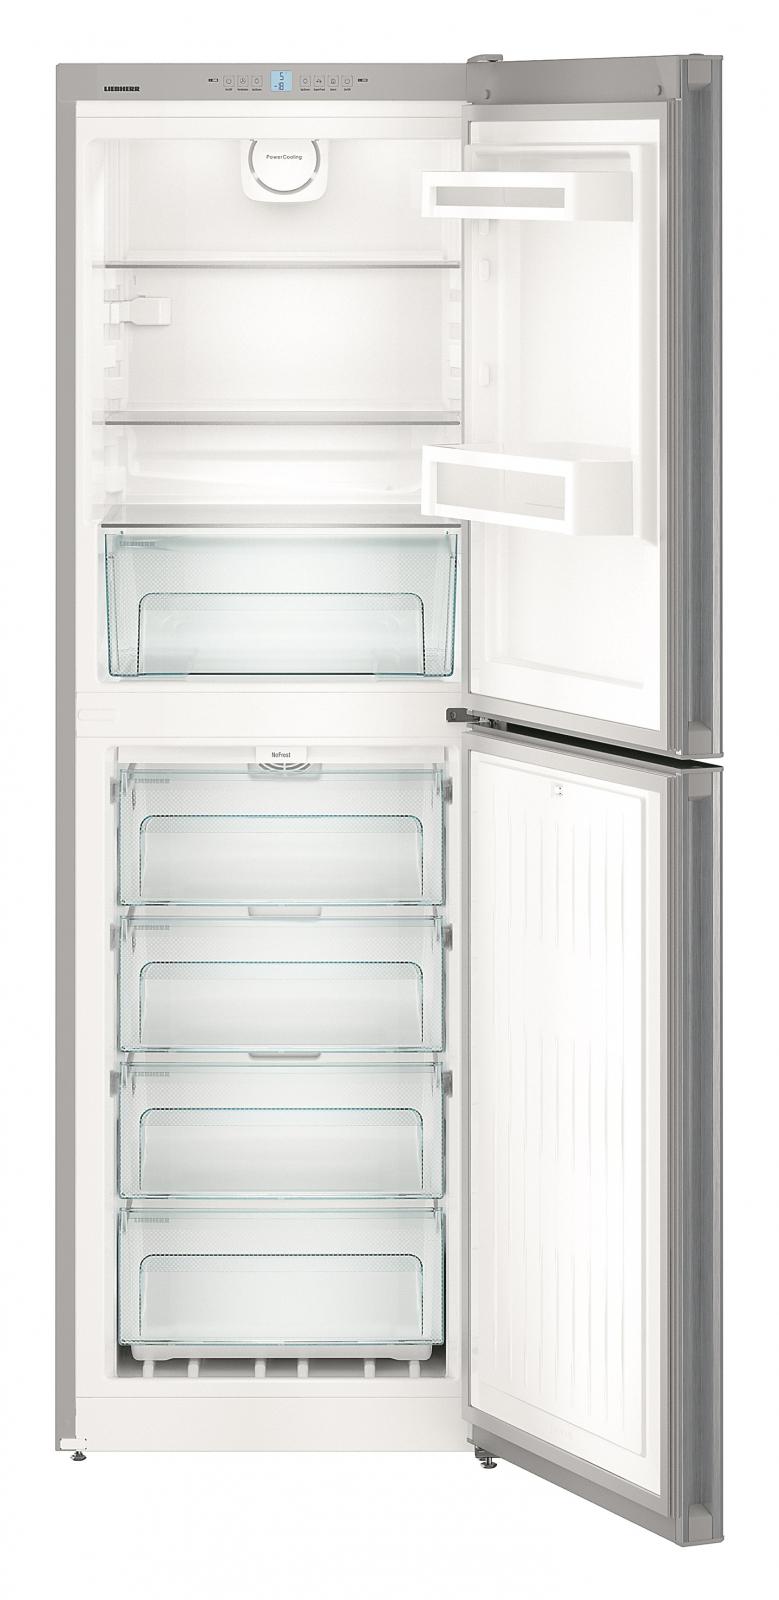 купить Двухкамерный холодильник Liebherr CNel 4213 Украина фото 1